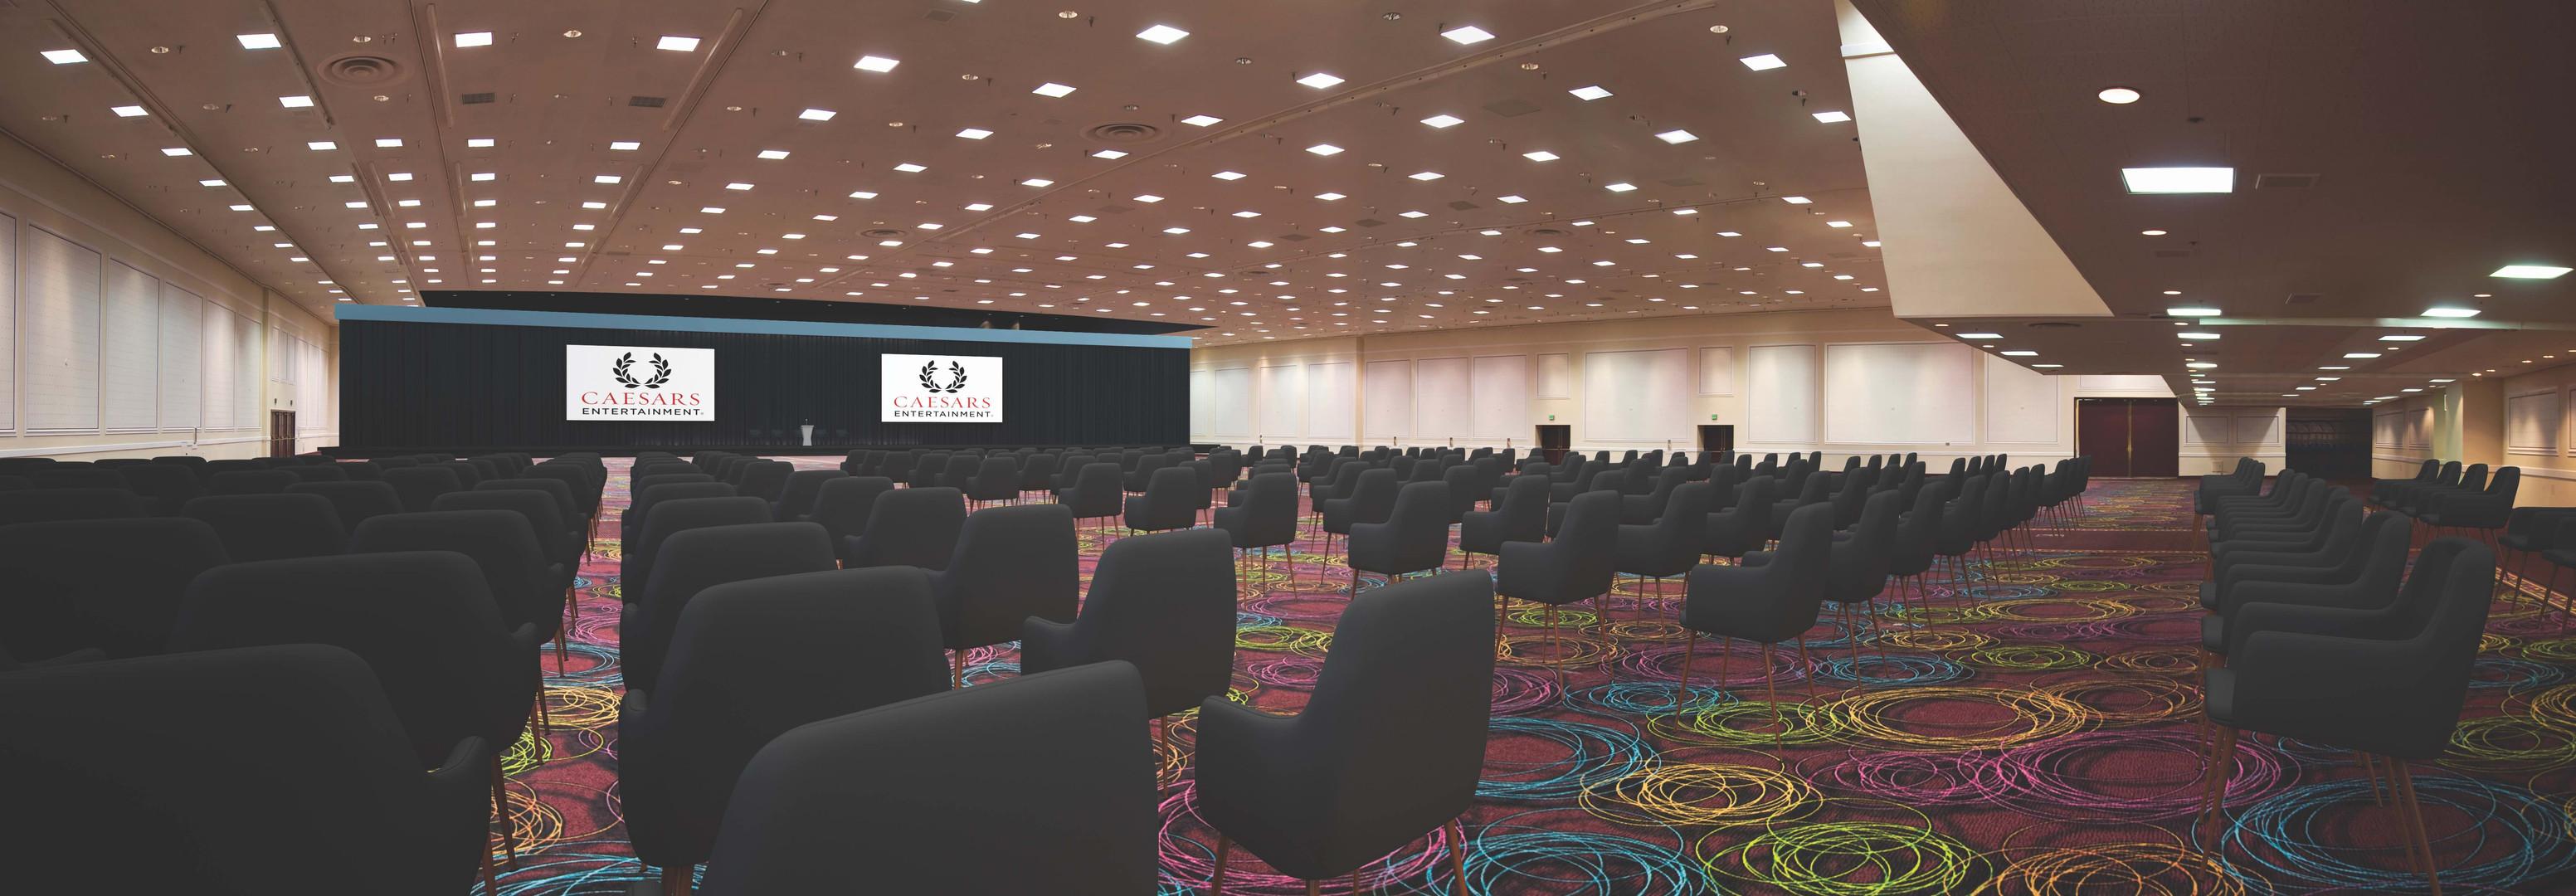 BLV_MeetingSpace01.jpg